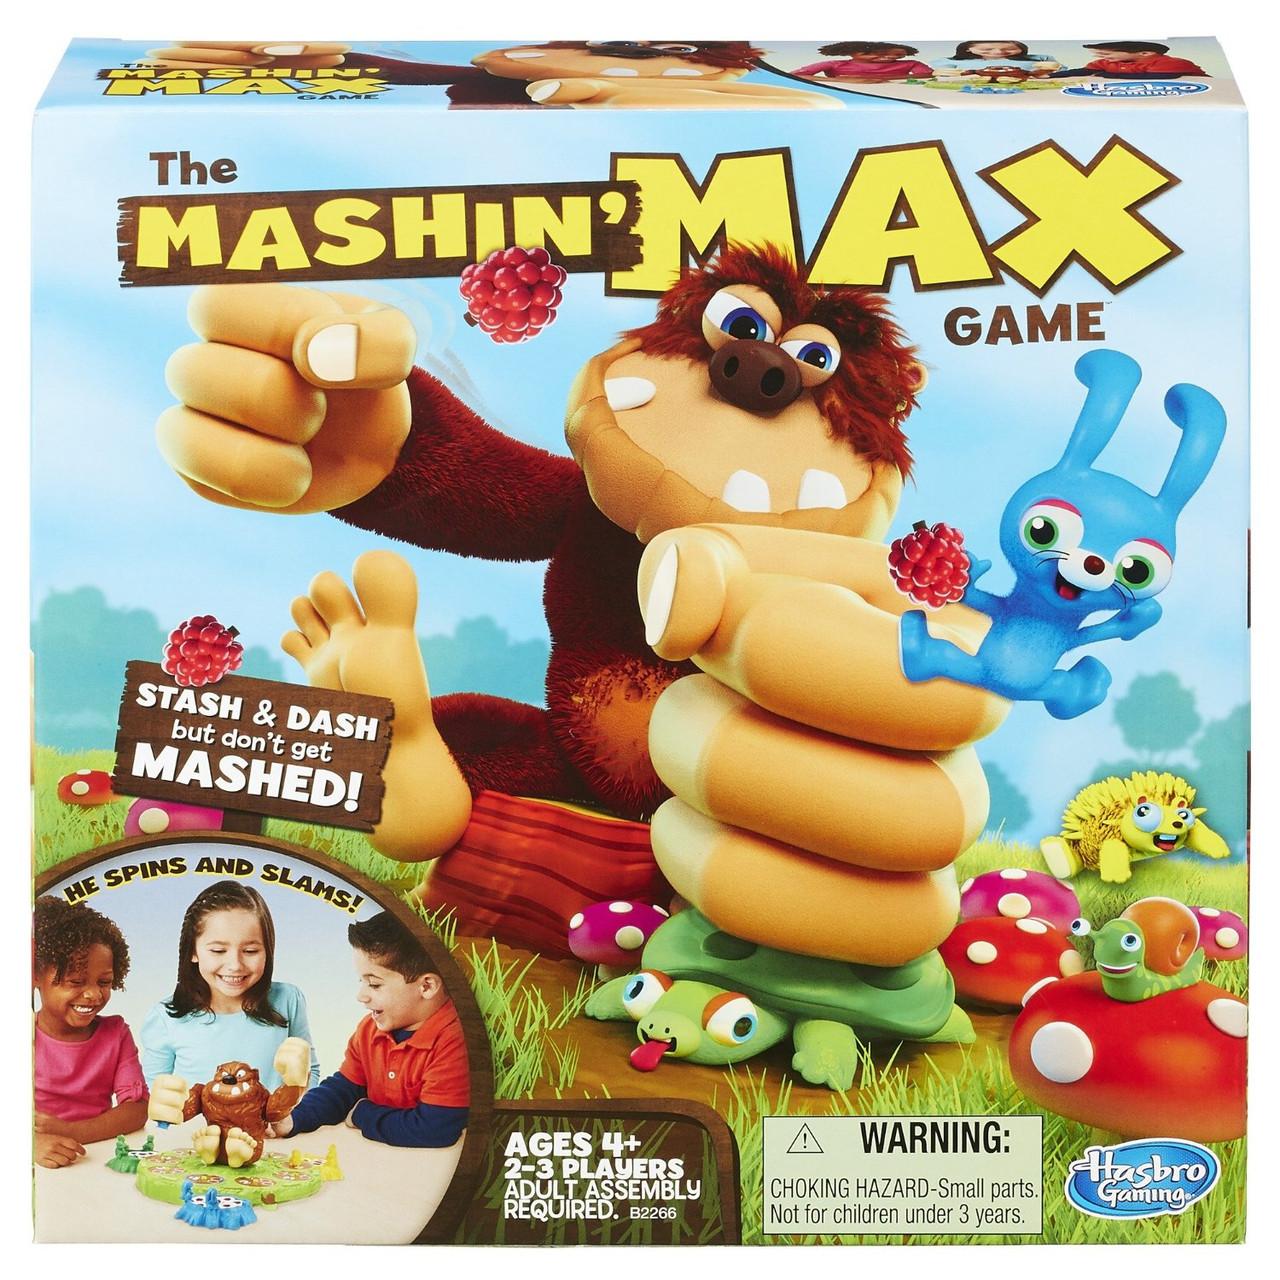 Настольная игра Машин Макс Поймай Макса интерактивная Games Mashin Max Hasbro